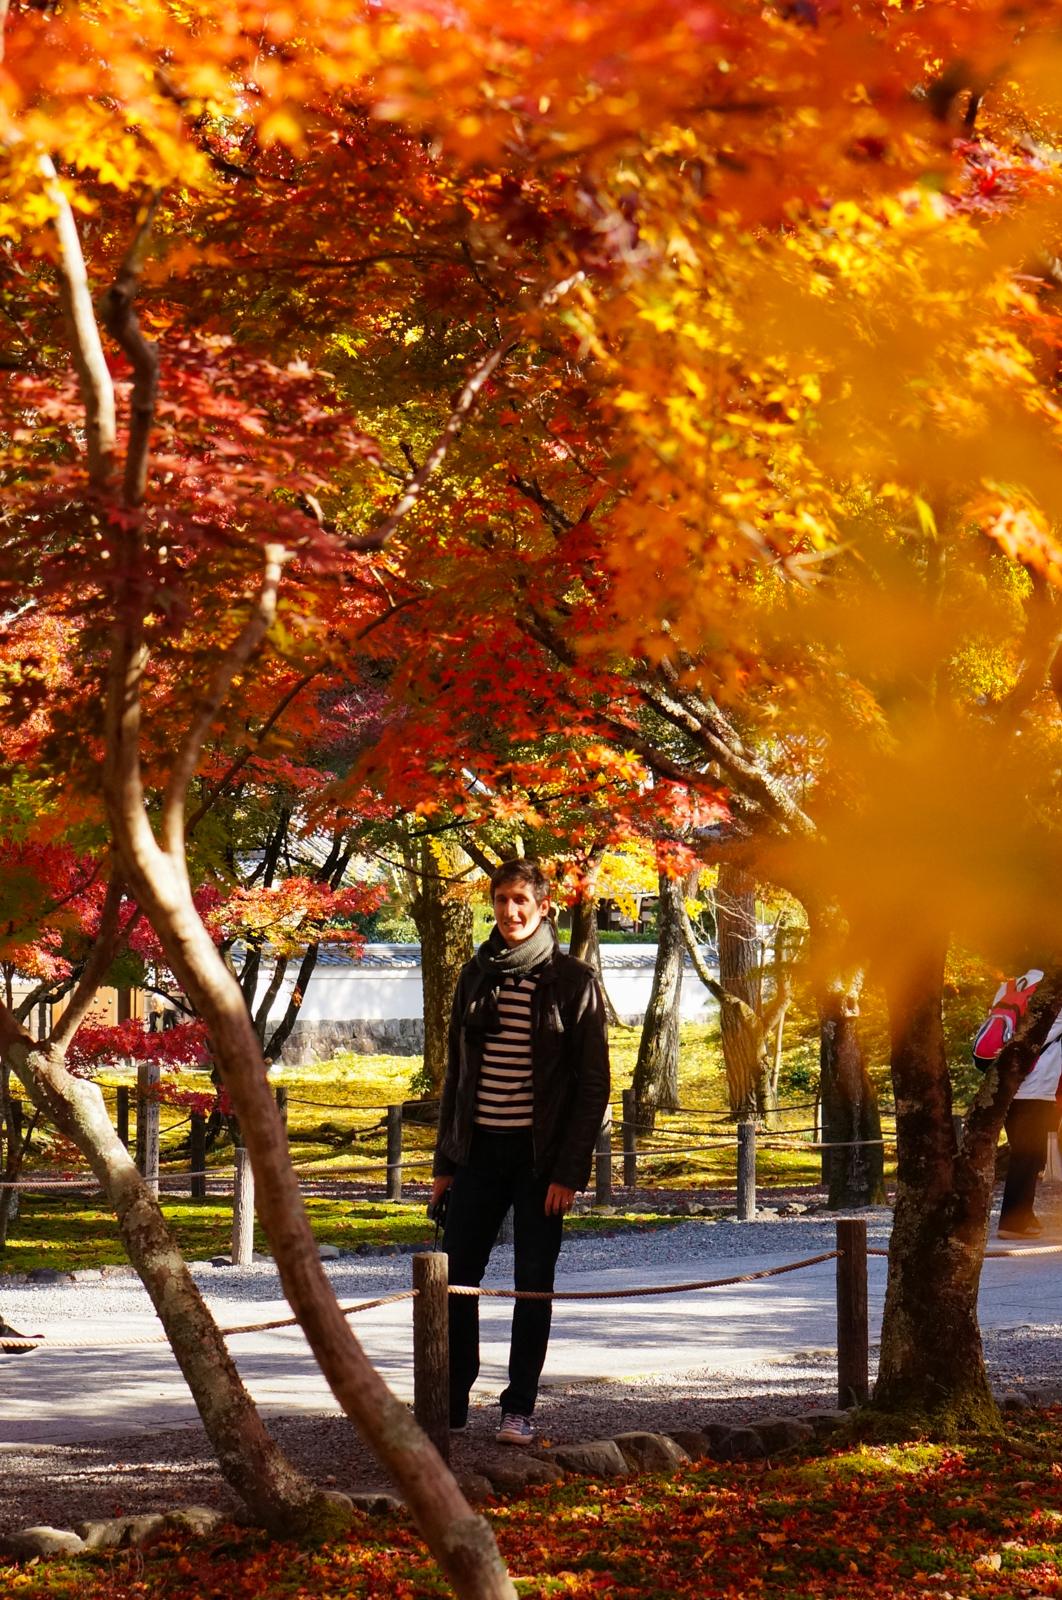 kyoto, kyoto chemin de la philosophie, kyoto momiji, automne kyoto, balade kyoto, séjour kyoto, voyage kyoto, érables kyoto, jardins kyoto, nanzen-ji, nanzen-ji kyoto